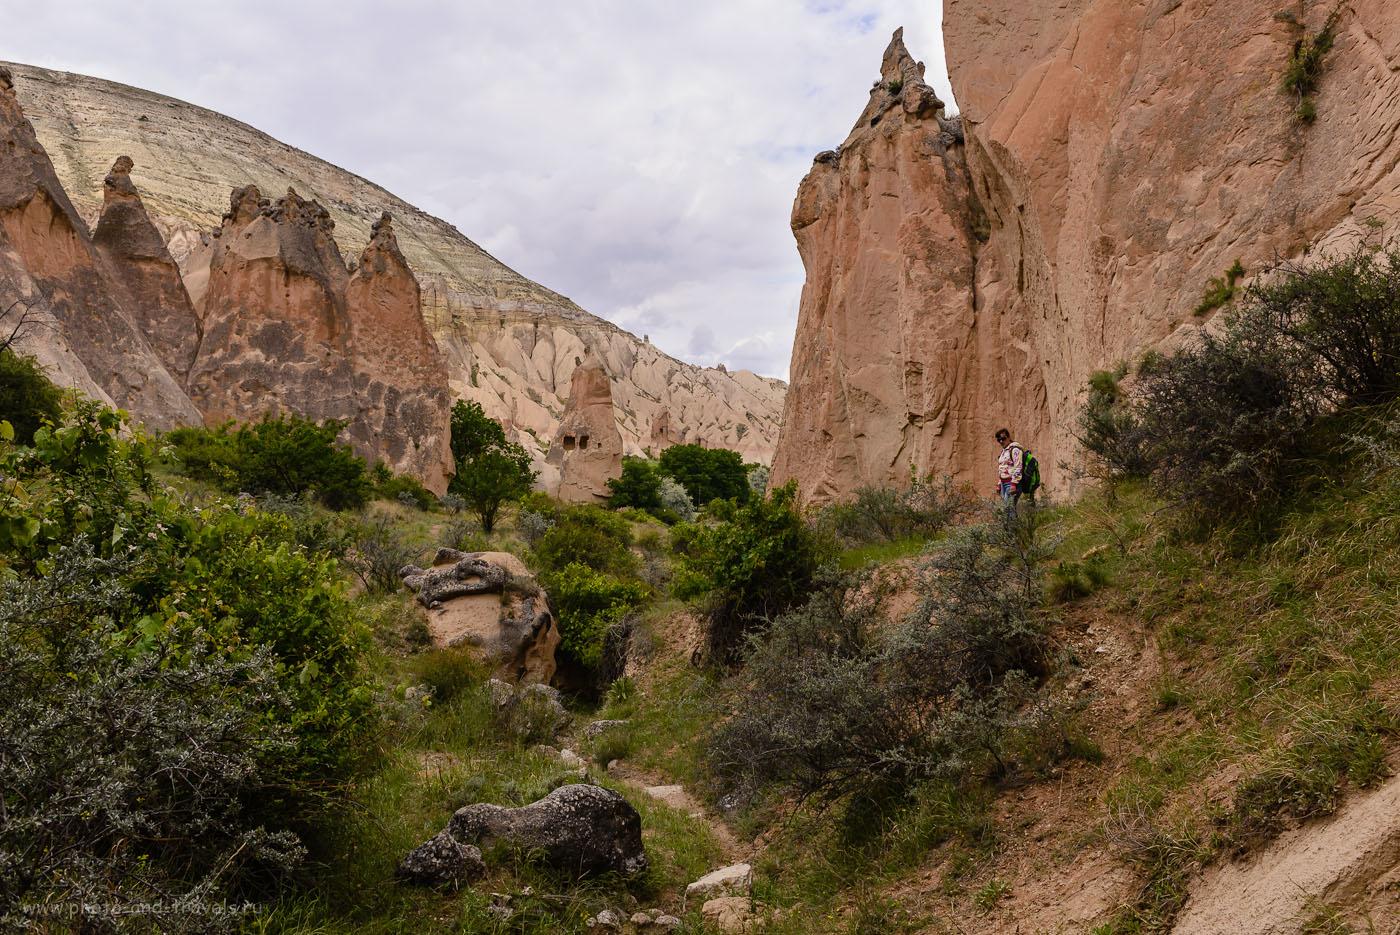 Фотография 12. Среди скал долины Зельве. На заднем плане – гора, по склону которой мы дошли сюда из Пашабага (Paşabağı Vadisi). 1/640, -1.33, 8.0, 160, 26.